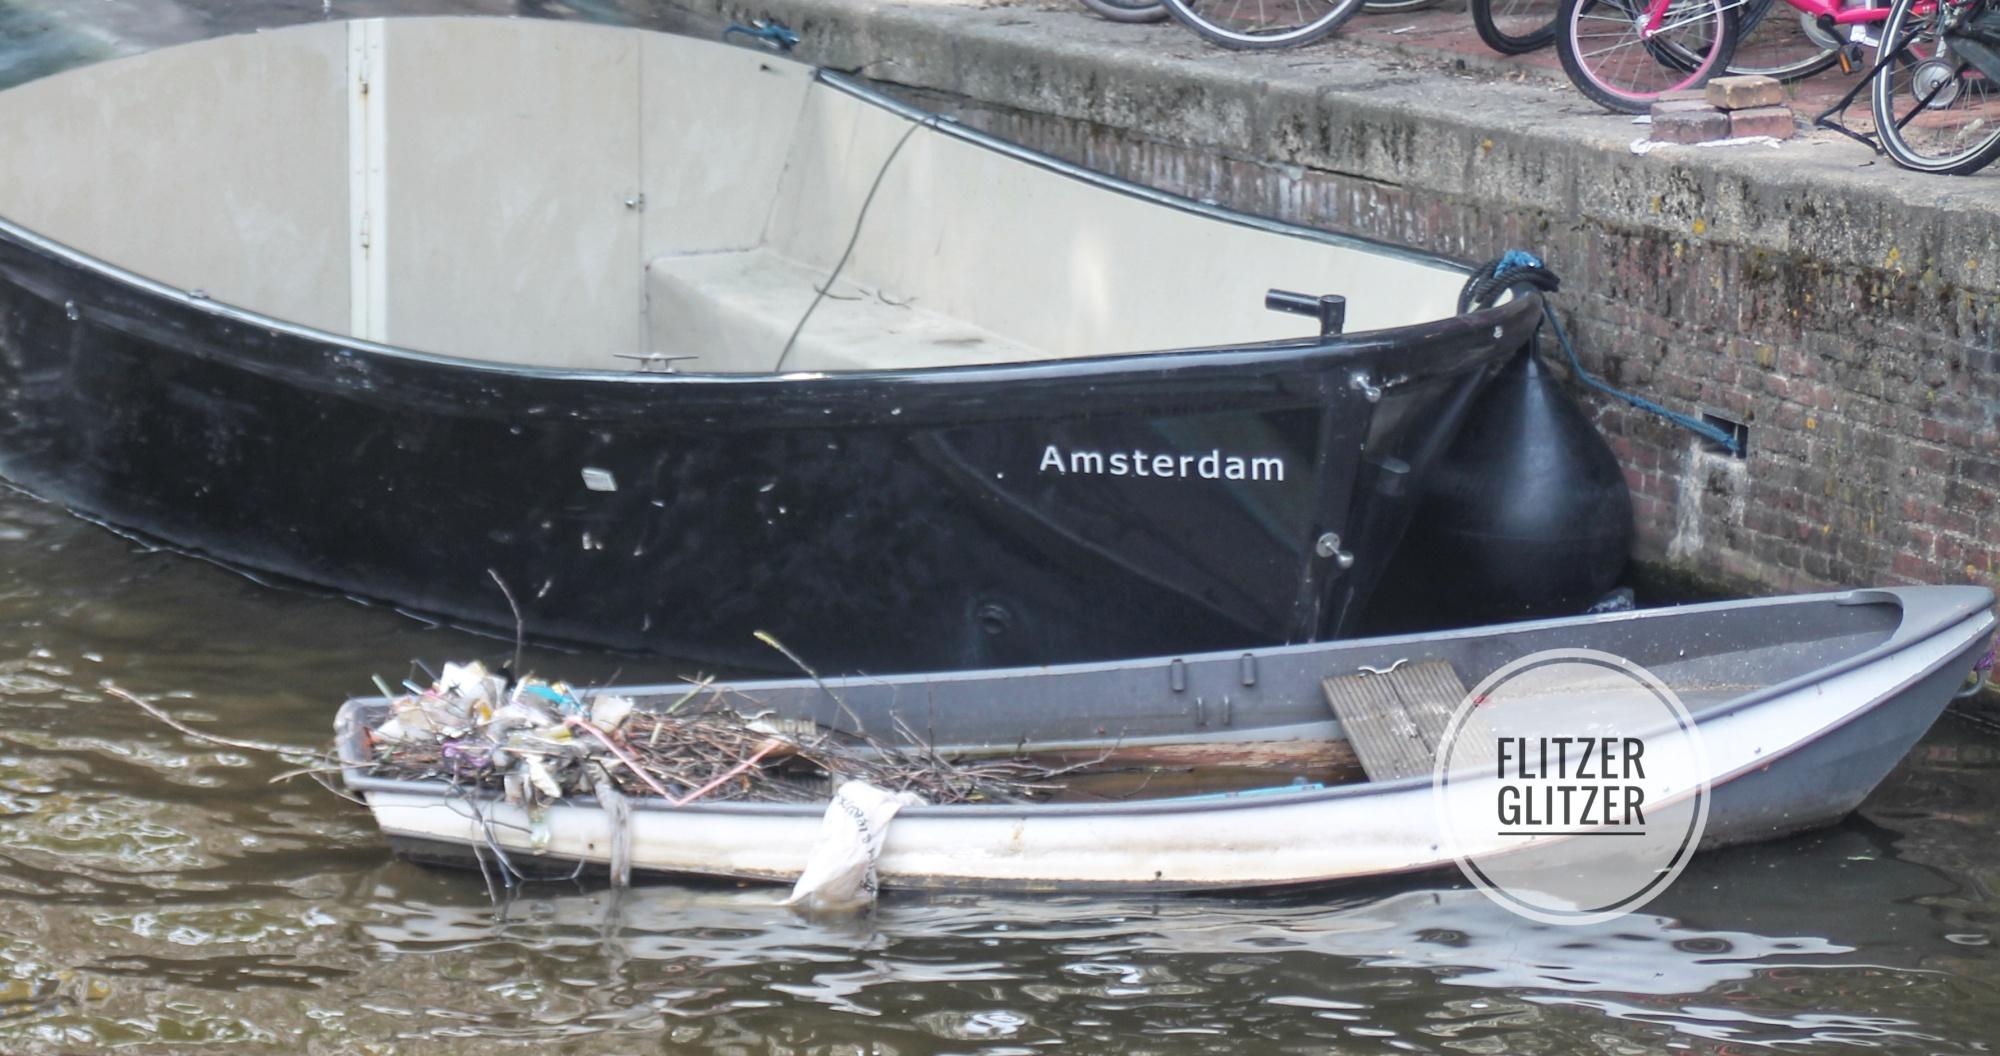 Das Bild zeigt ein kleines schwarzes Fischerboot, das auf den Namen Amsterdam getauft und original mit diesem Namen beschriftet ist. Davor ein noch kleineres abgewracktes Paddelboot in dem sich ein Vogel aus Ästen und allerlei Müll ein Nest gebaut hat.